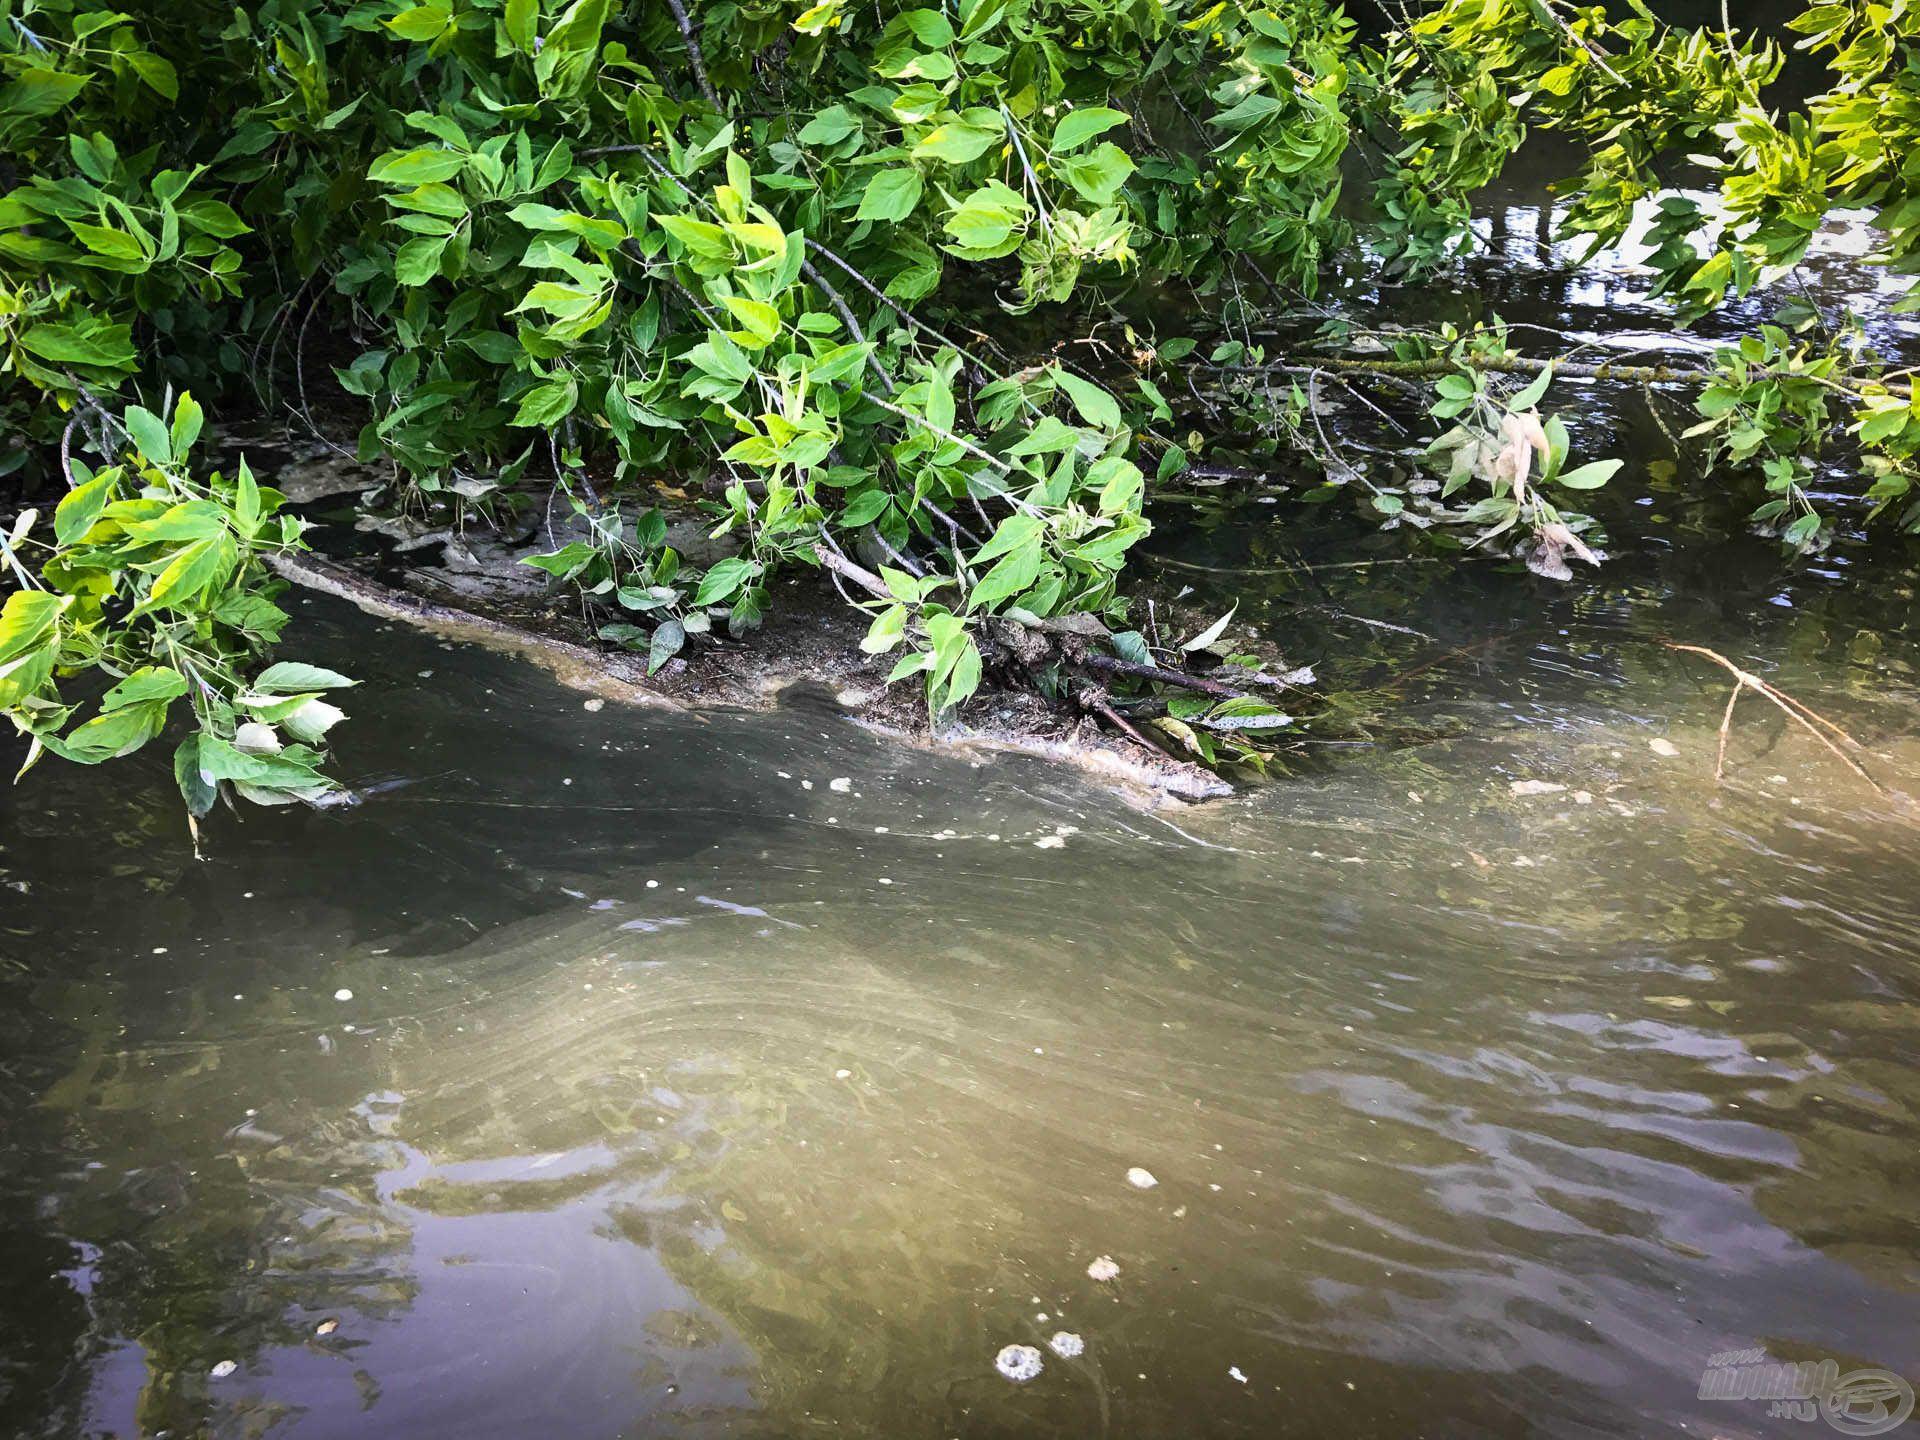 Az elvágó vizet a Tiszán mostanában folyamatosan úszó dzsuva is jelzi (sajnos), de biztos van rá sablon magyarázat